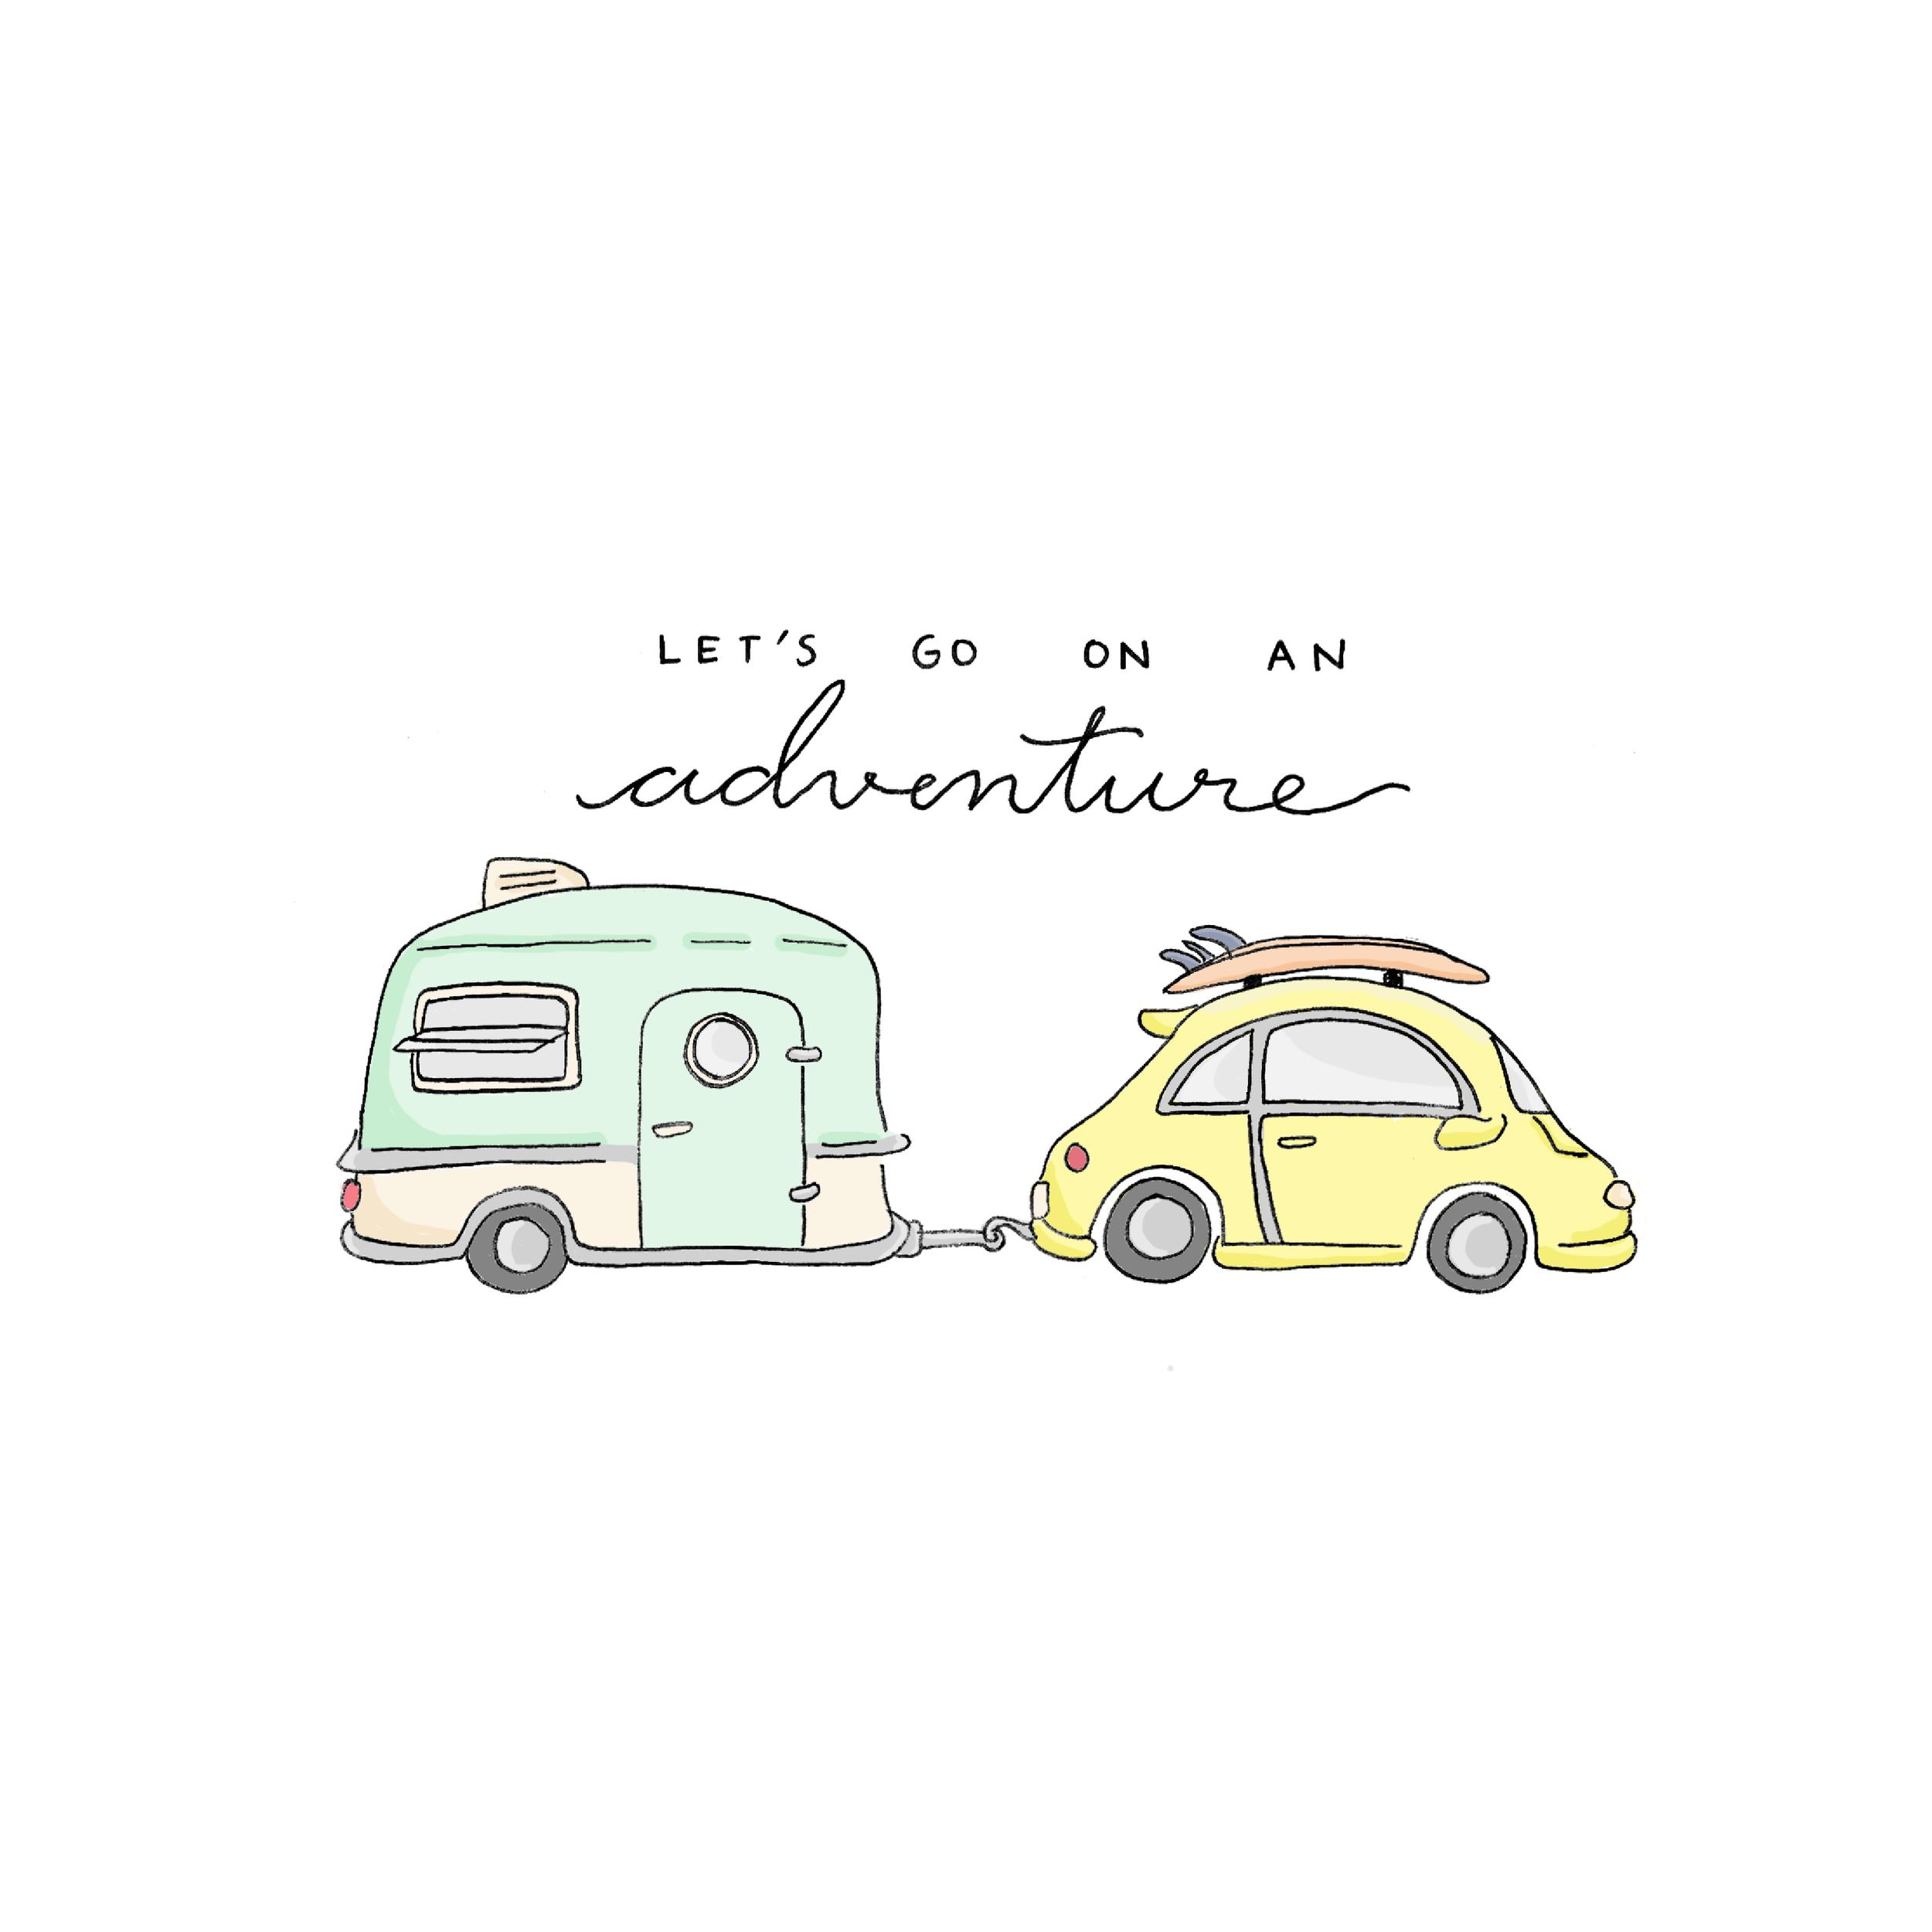 letsgoonadventurecolor-01.png